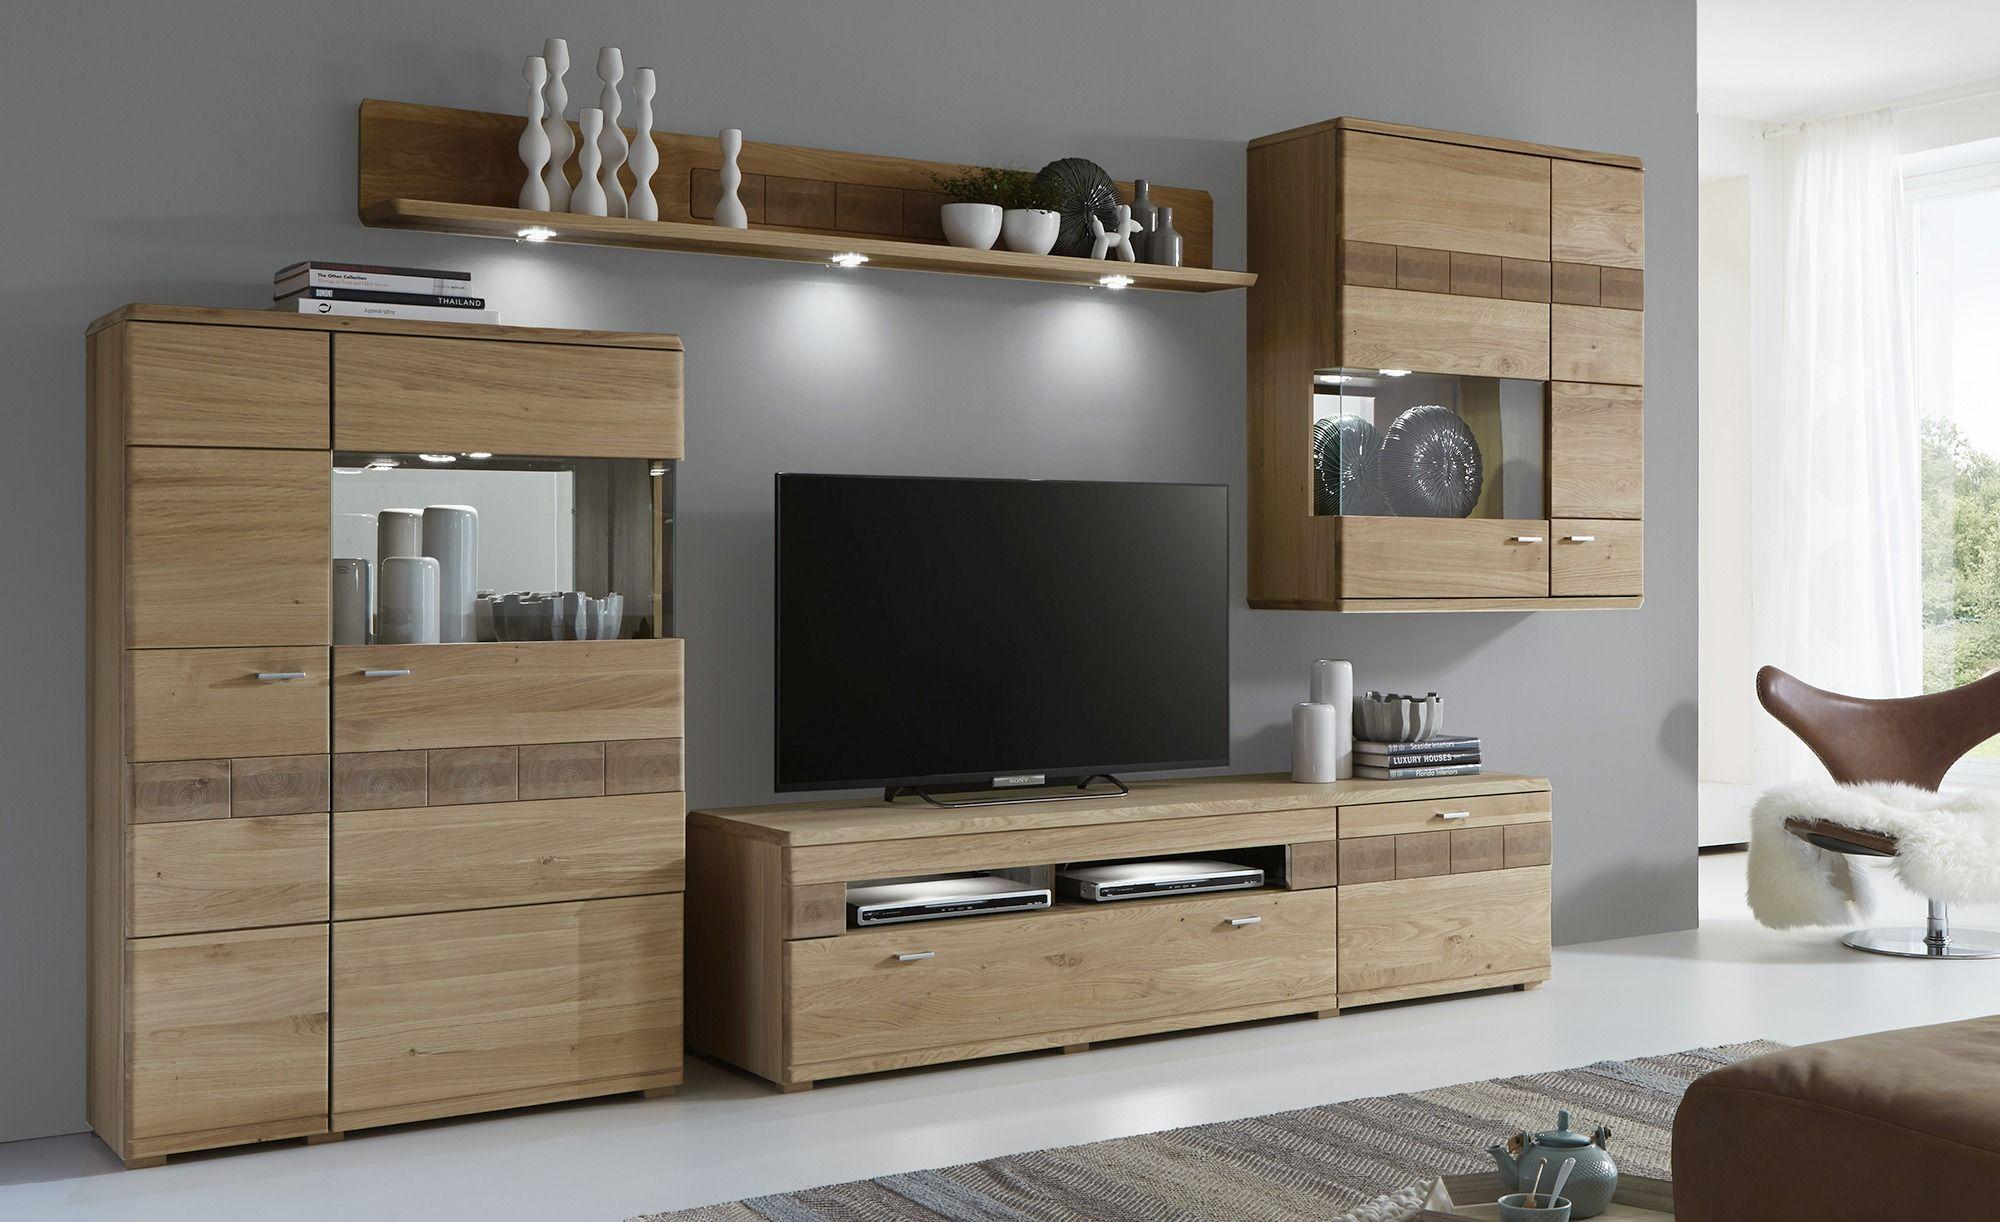 woodford teilmassive wohnwand montiert miro wohnzimmer diy wohnung und einrichtung. Black Bedroom Furniture Sets. Home Design Ideas